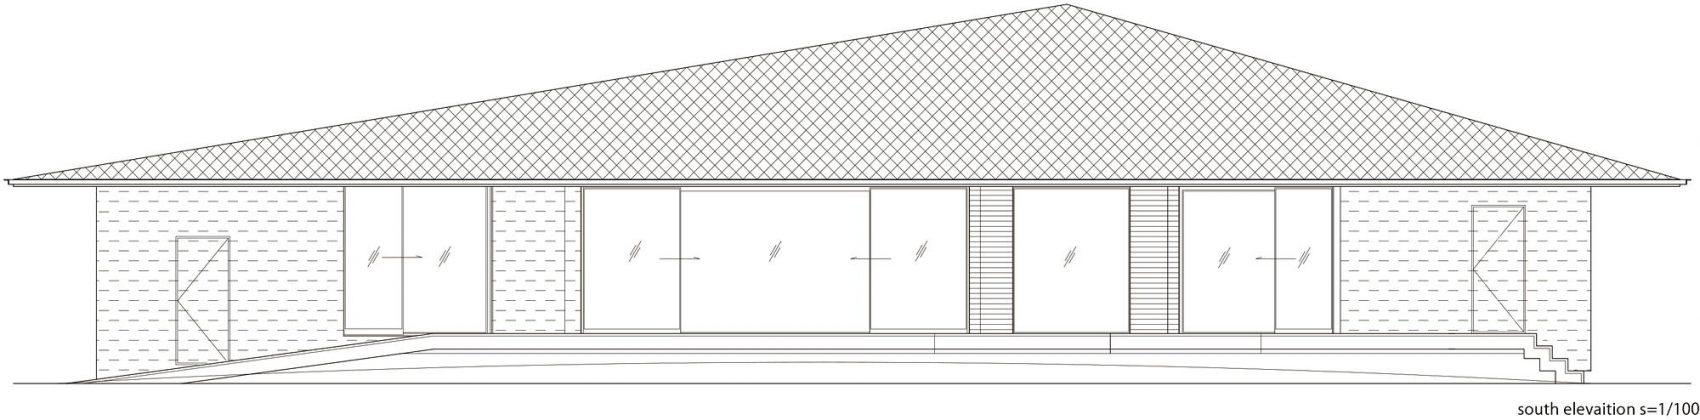 Дом в космическом стиле в Каруидзава от студии O. F. D. A. 16